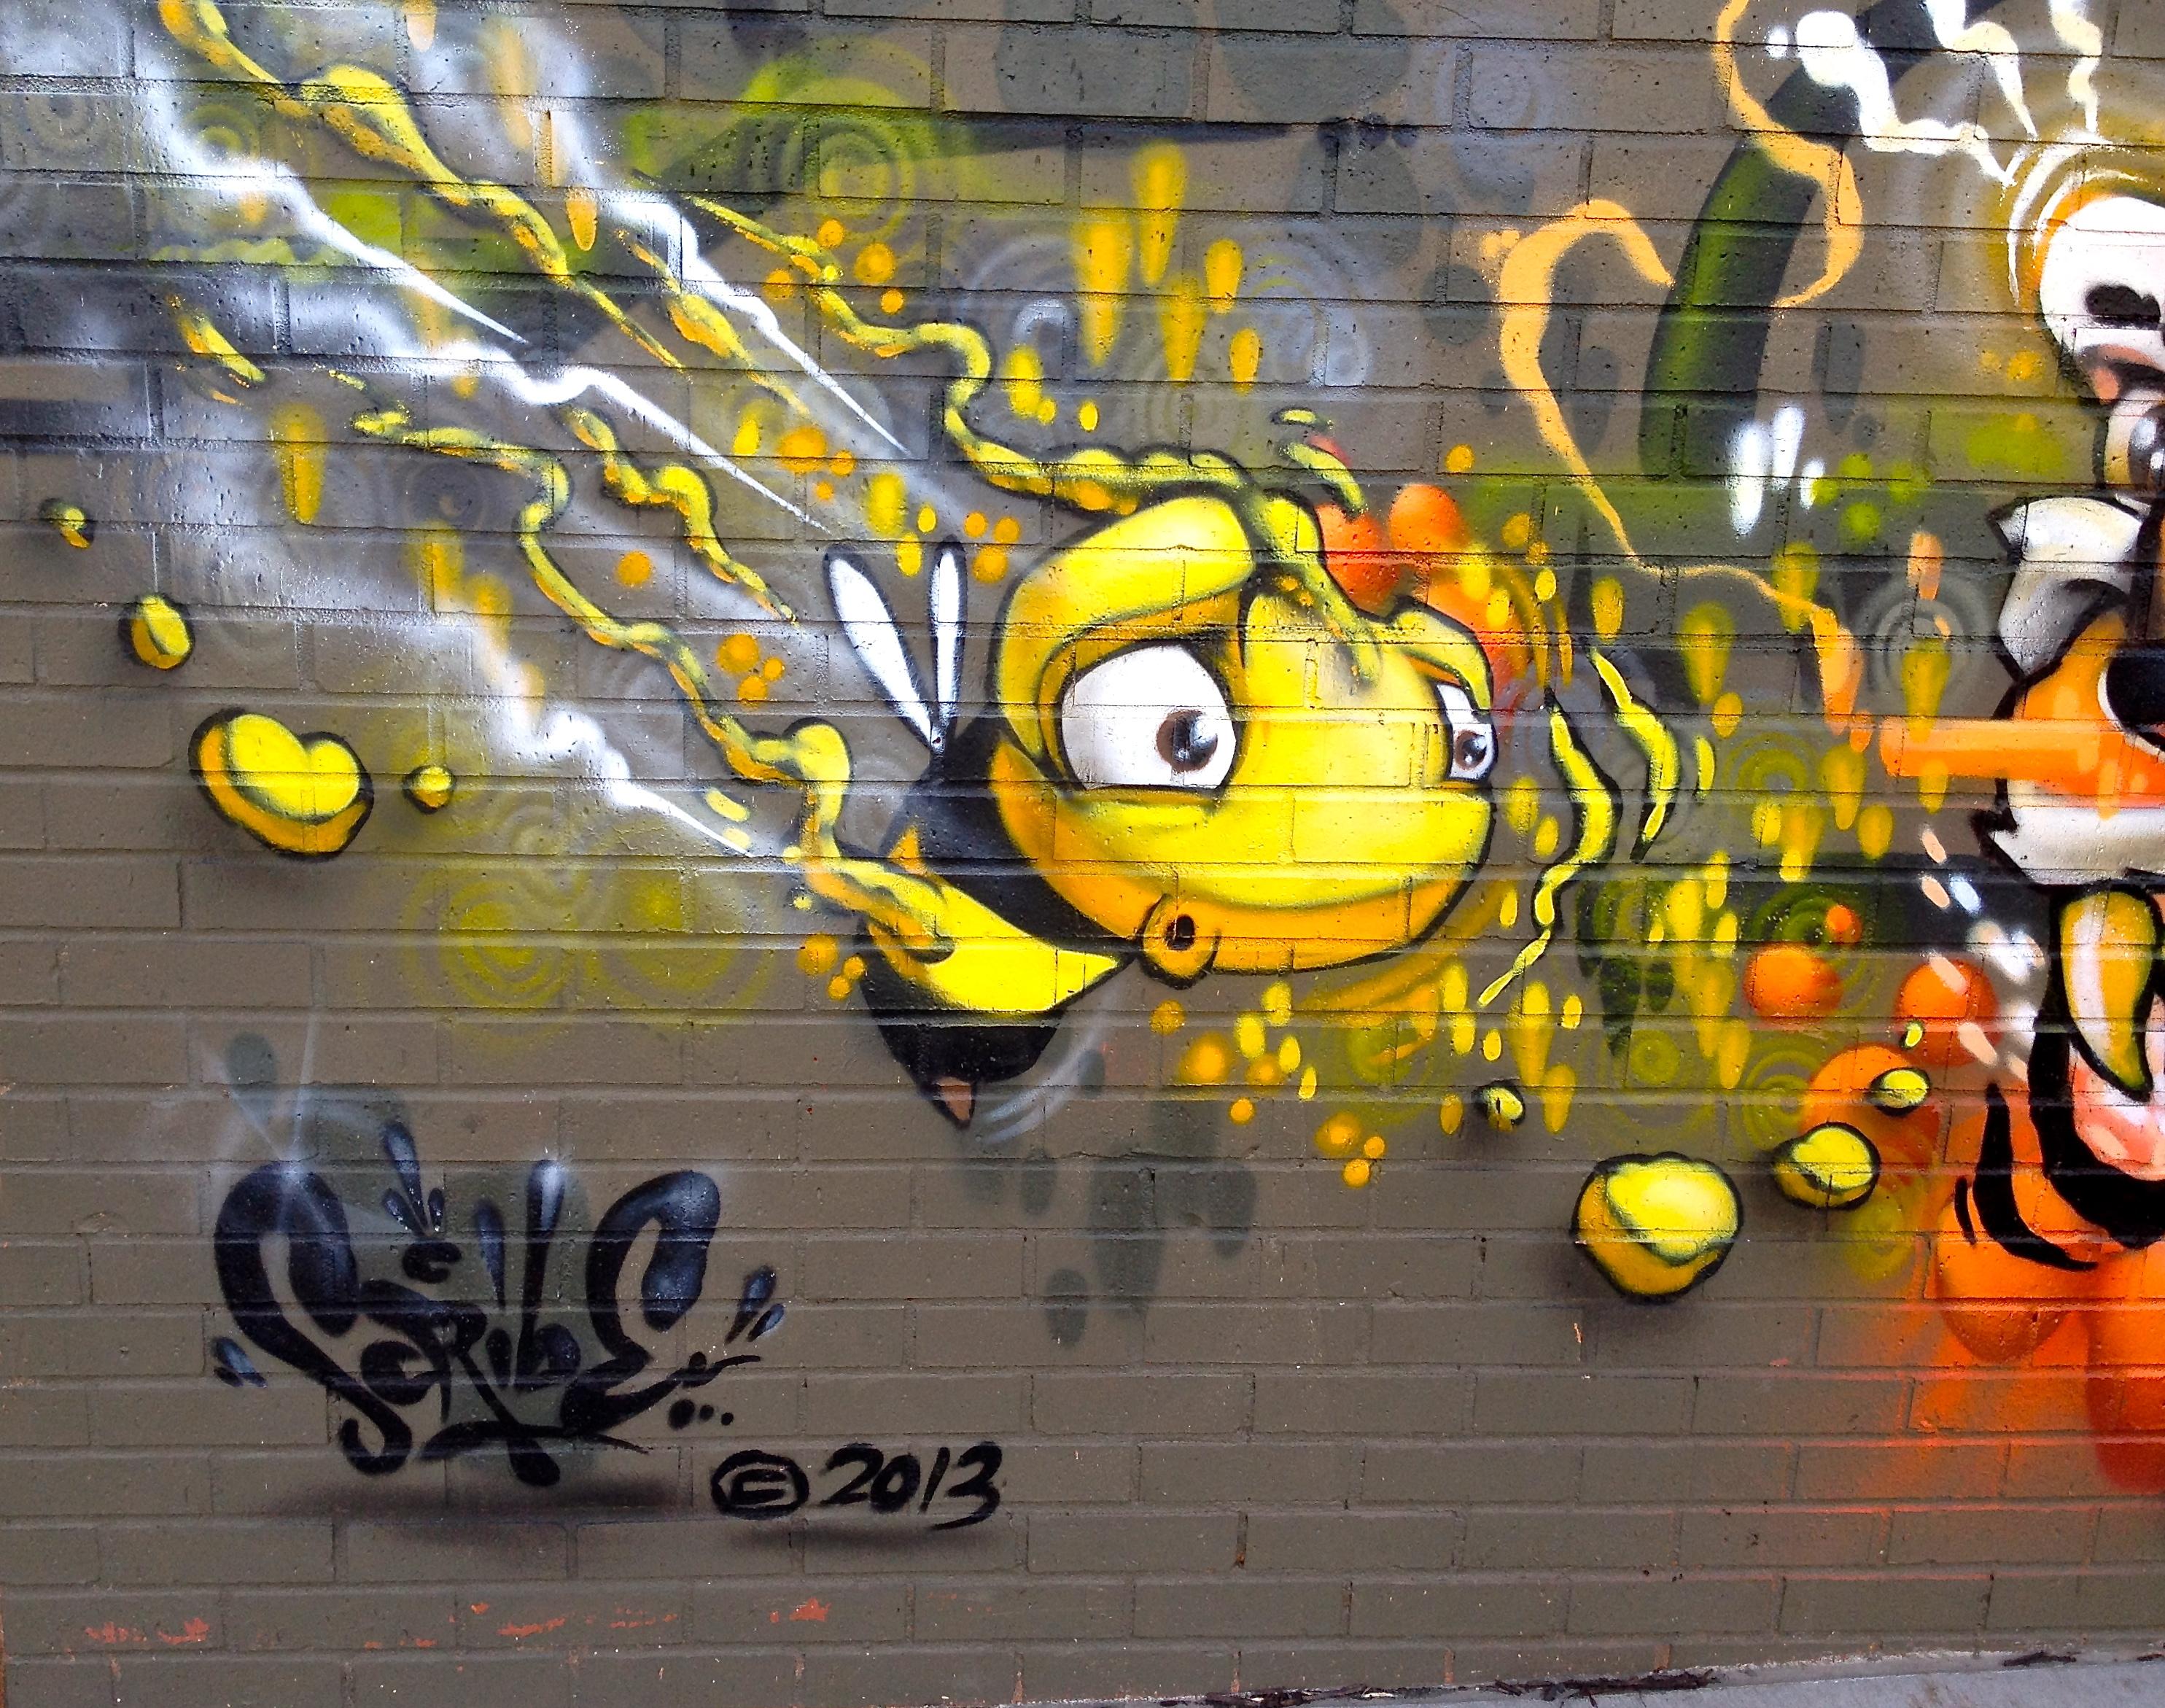 Graffiti Marathon: Westport and Broadway | Shifting the Balance